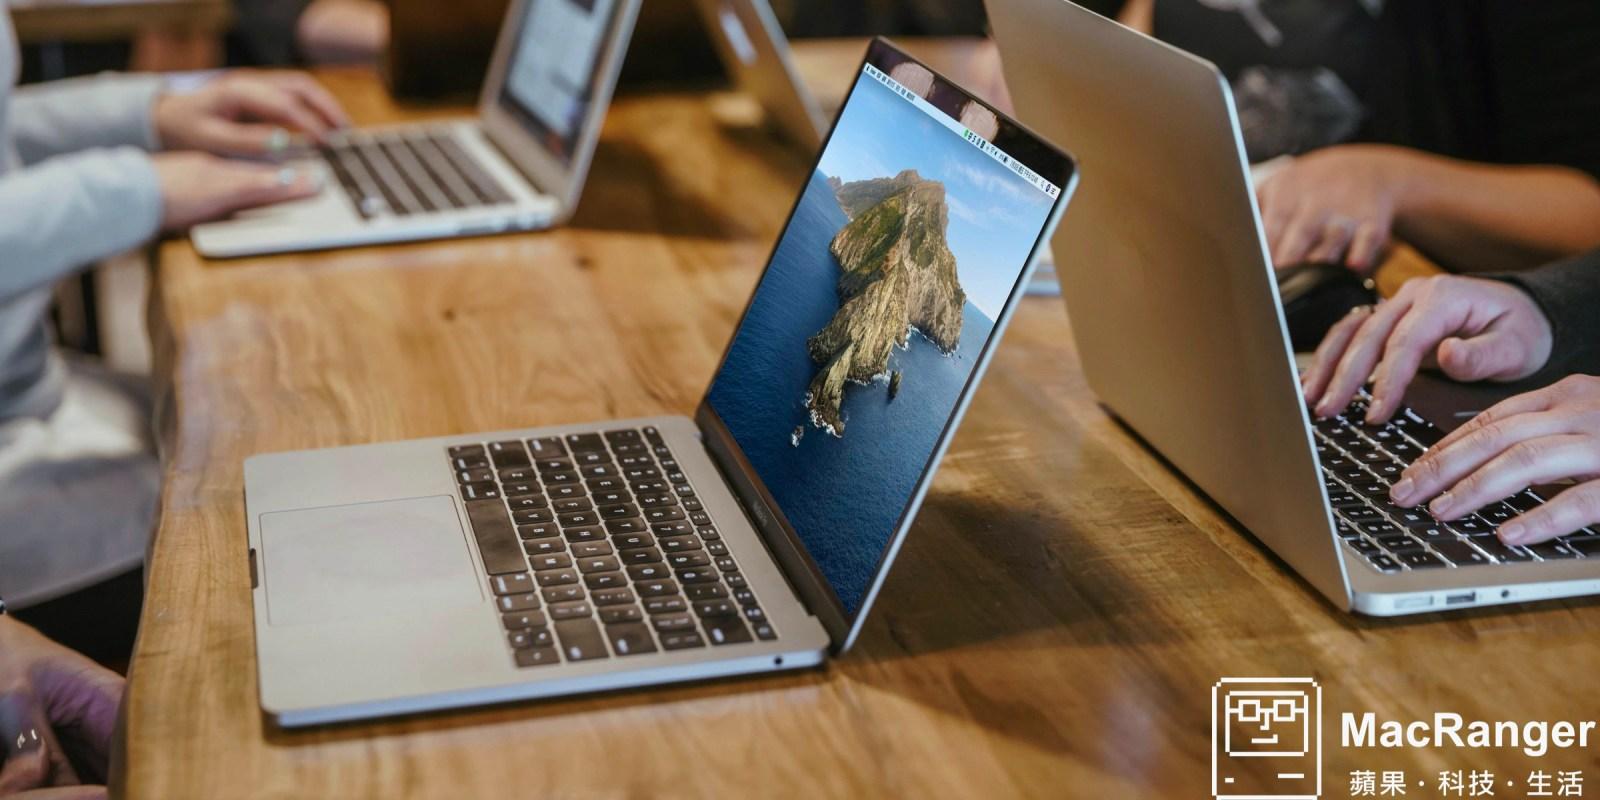 用 終端機 Automator 來隱藏 Mac 桌面上的所有檔案